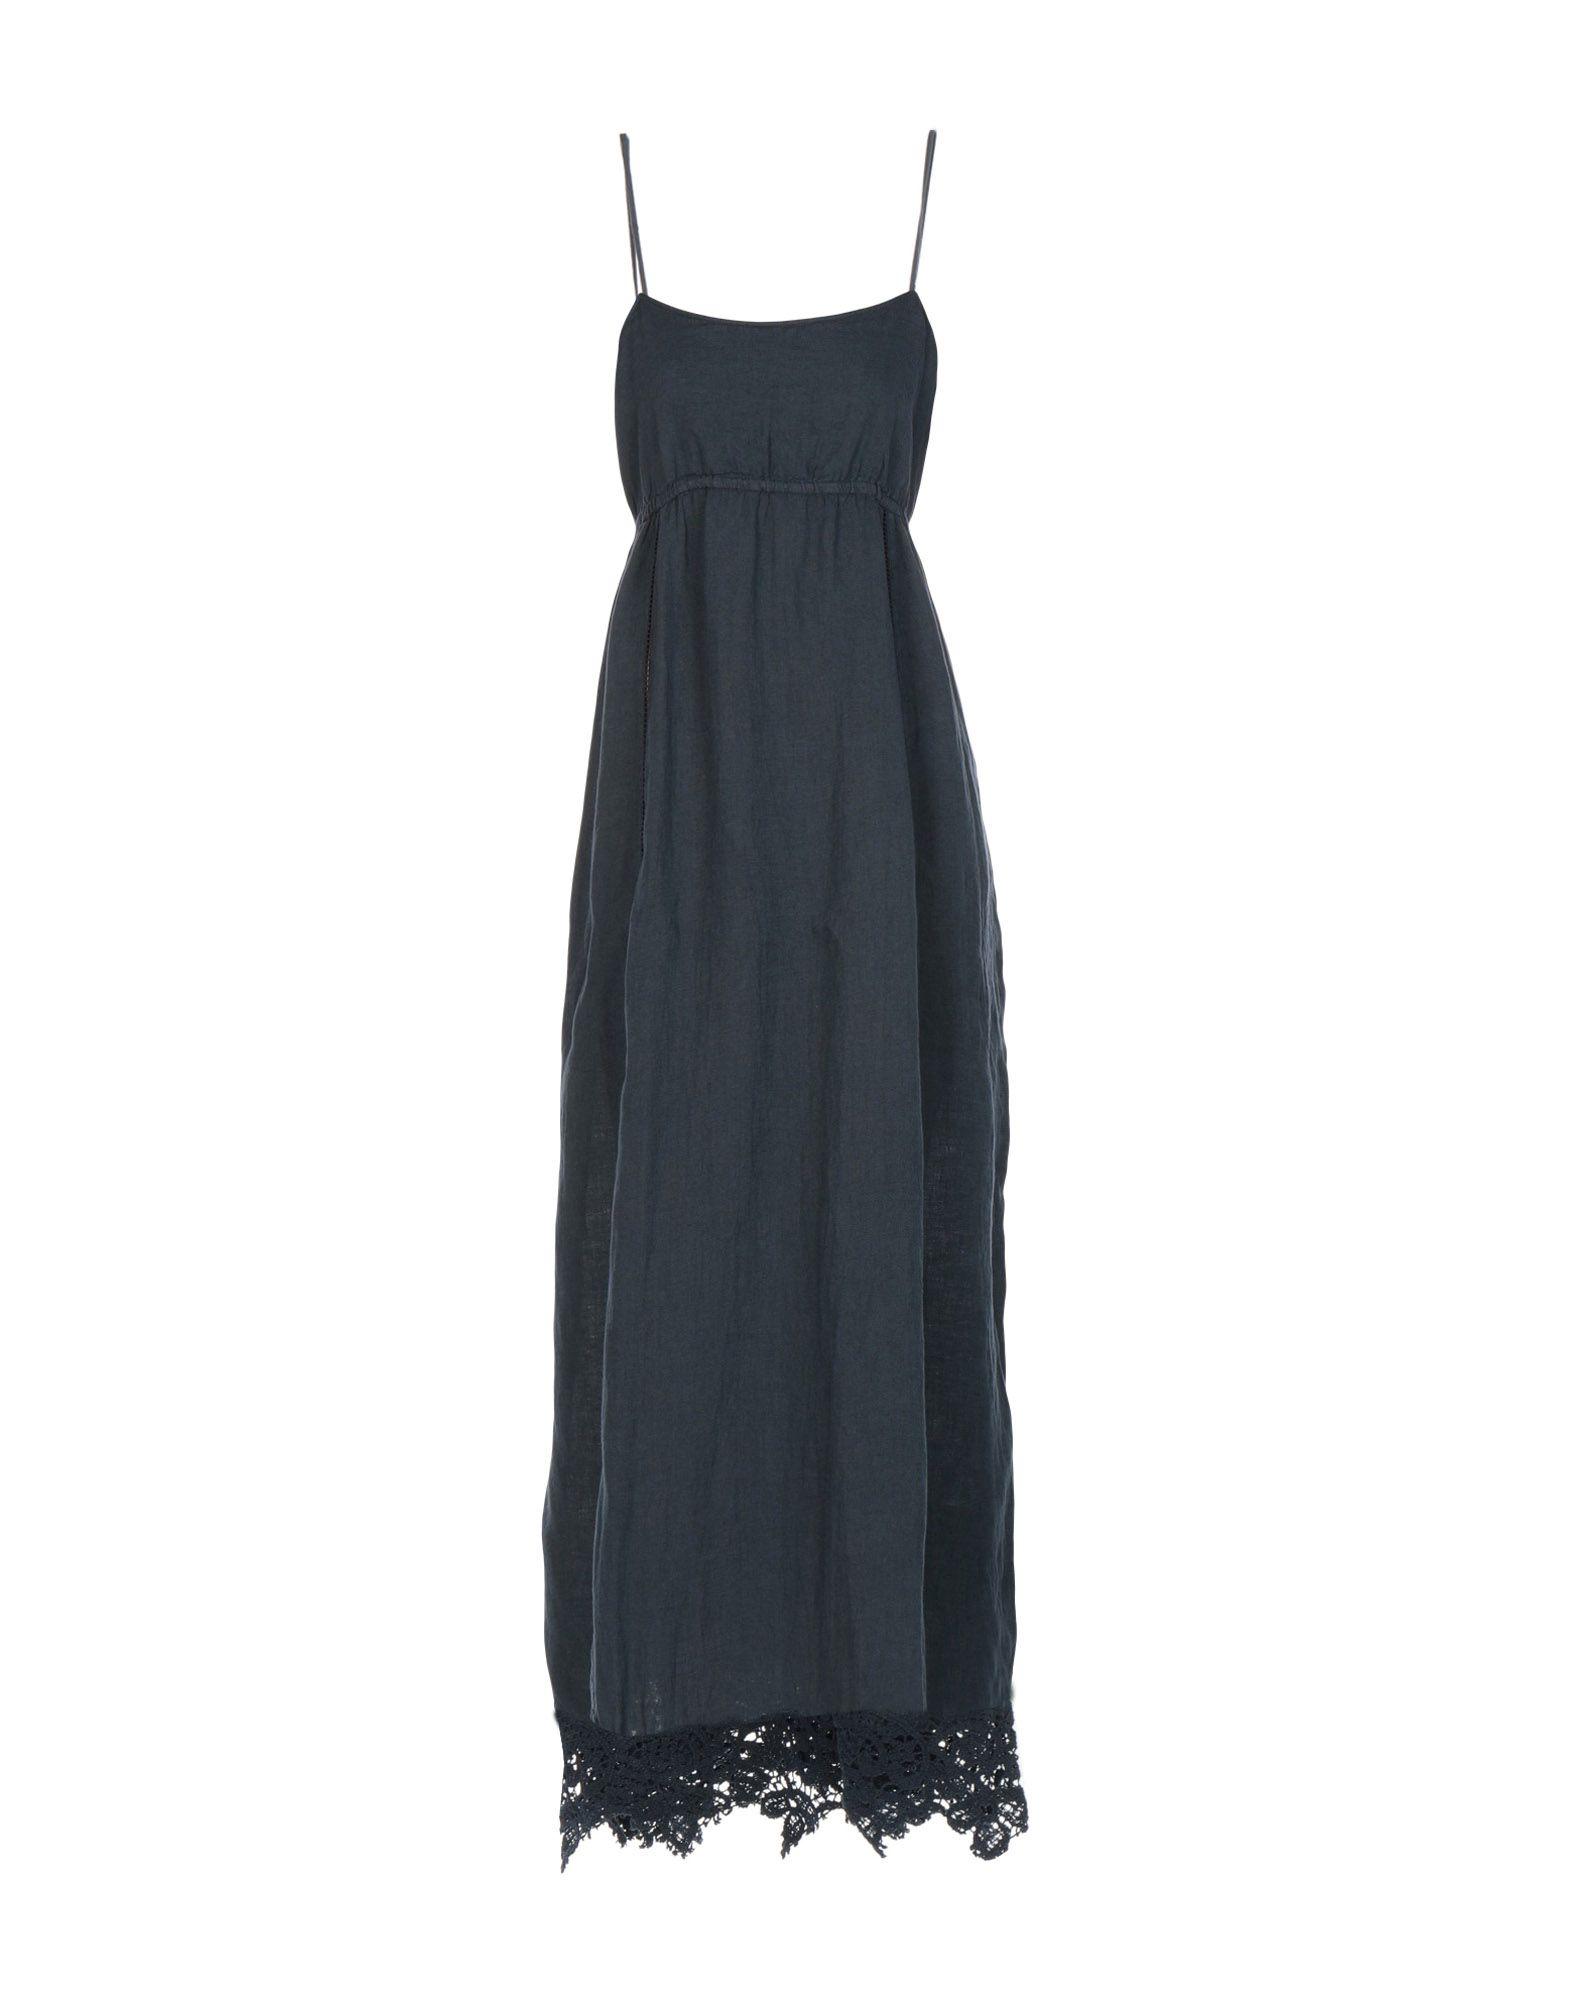 120% Длинное платье платье без рукавов с кружевной вставкой на спинке